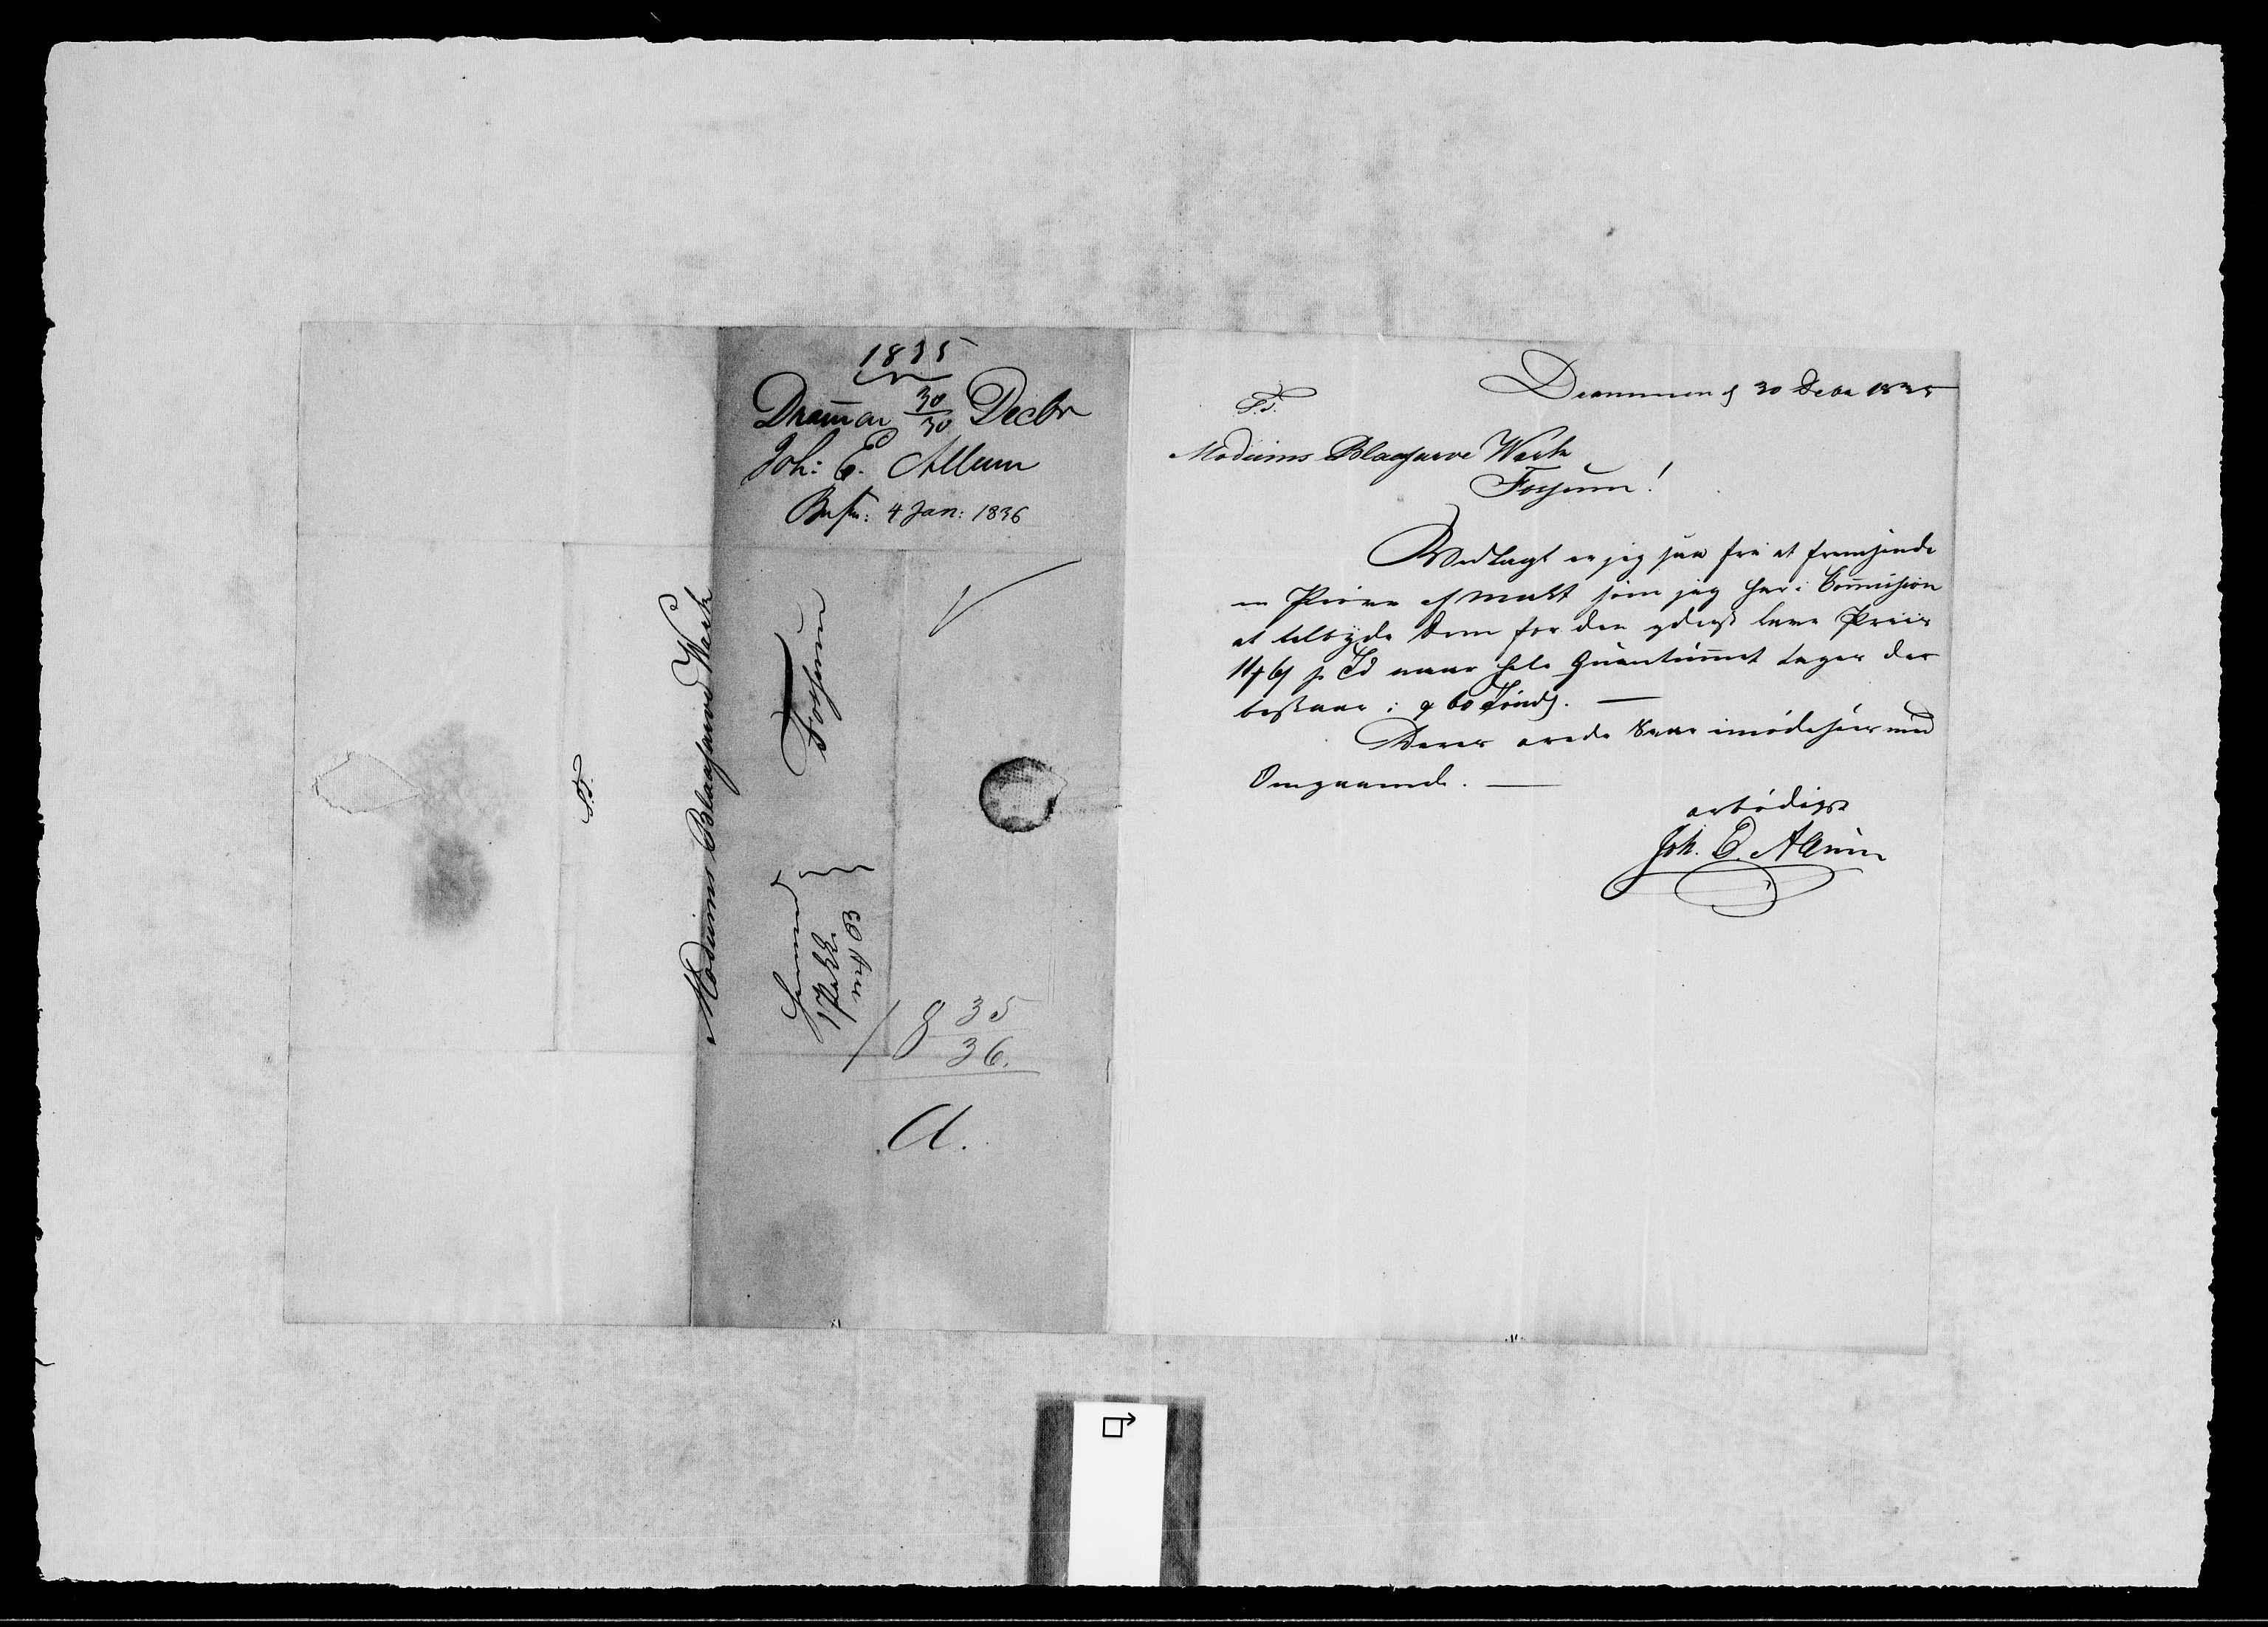 RA, Modums Blaafarveværk, G/Gb/L0115, 1835-1836, s. 2